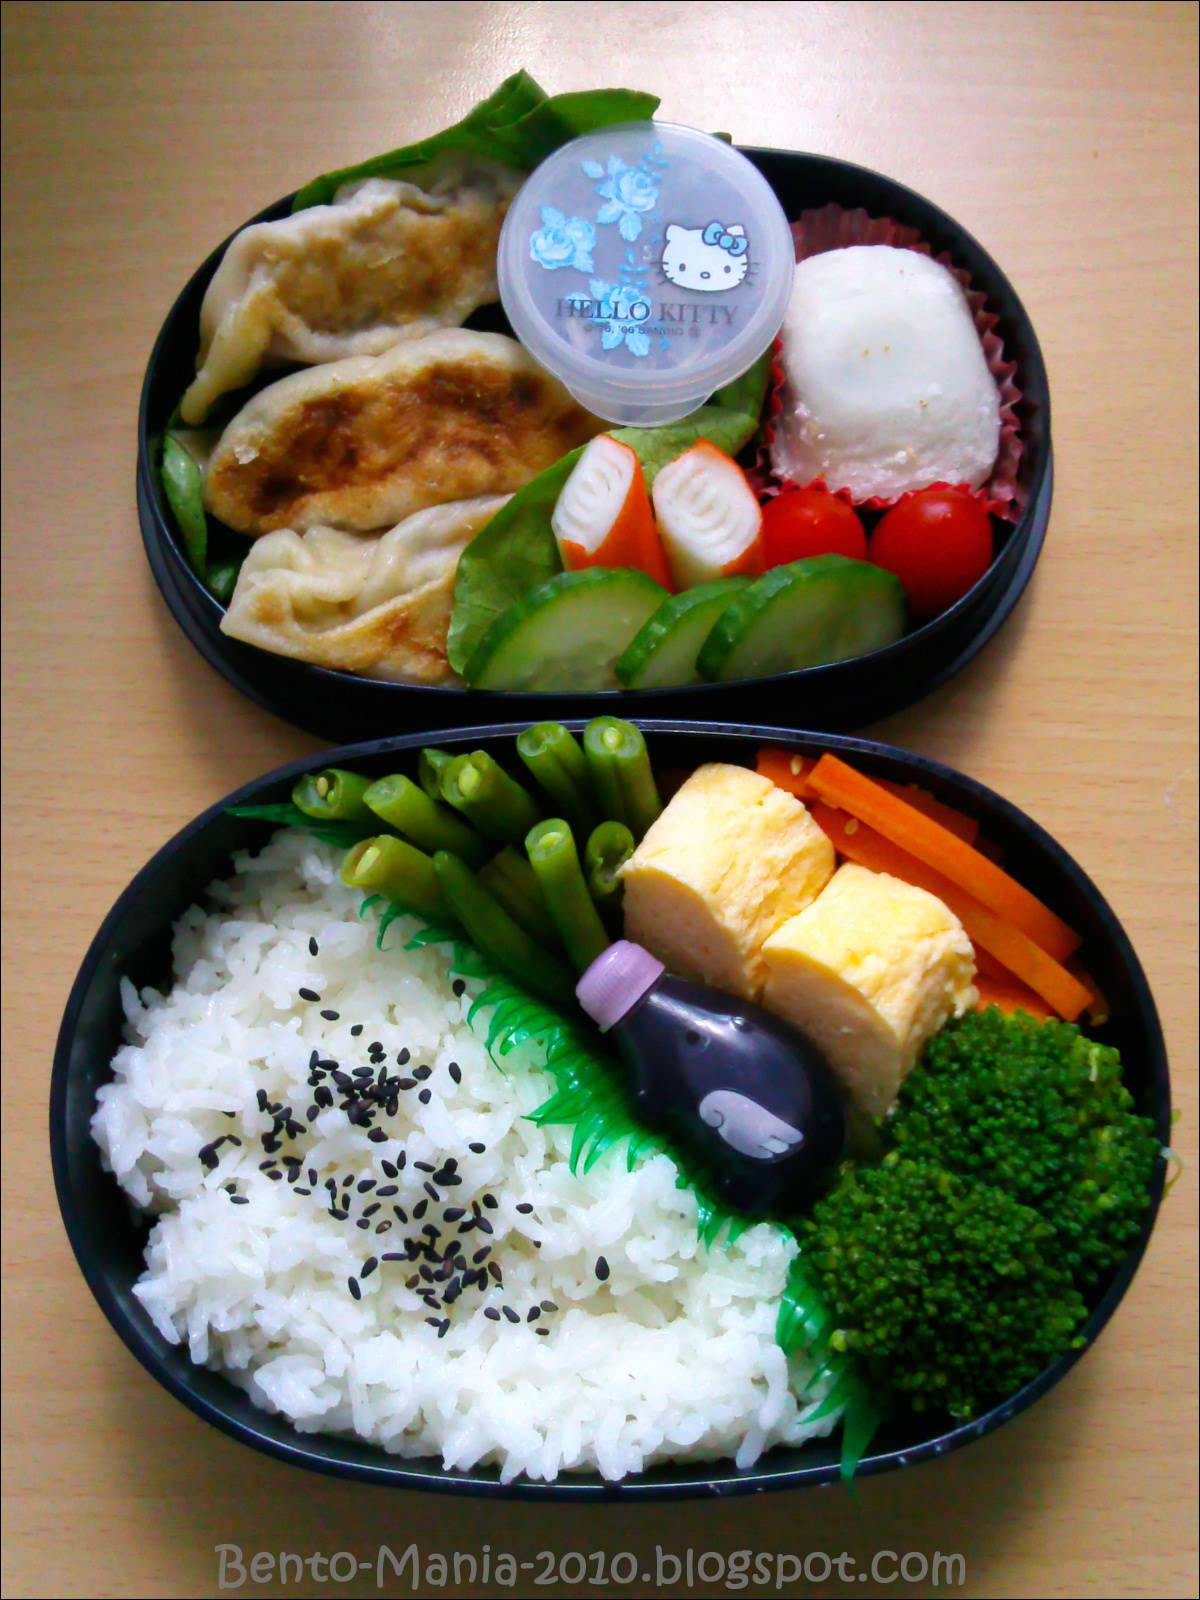 bento mania verr ckt nach der japanischen lunch box bento yaki gyoza bento. Black Bedroom Furniture Sets. Home Design Ideas